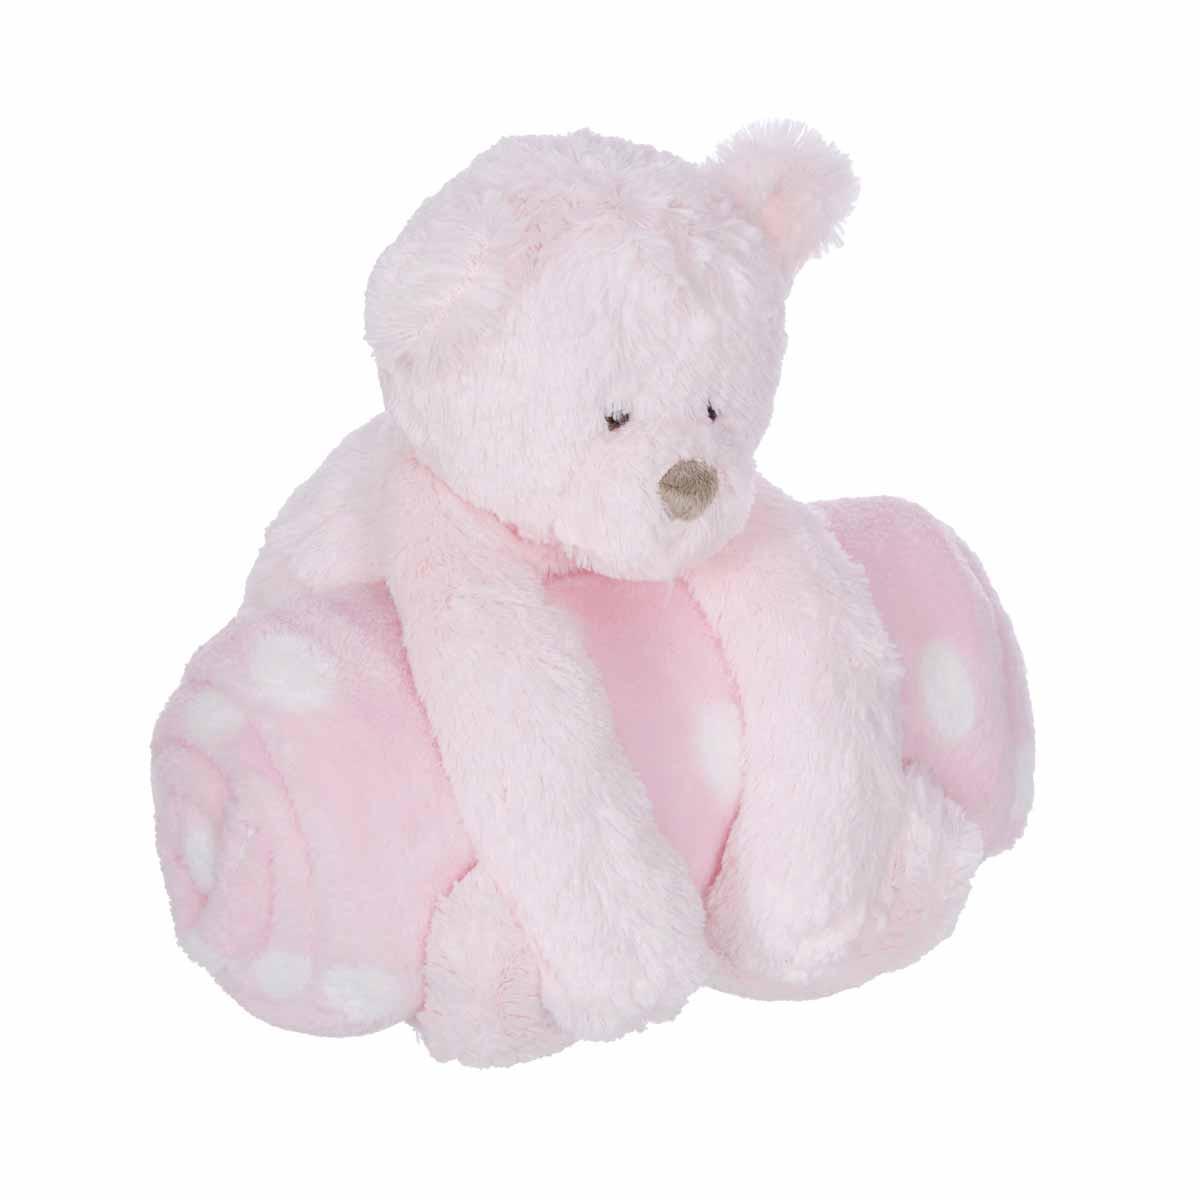 Κουβέρτα Fleece Αγκαλιάς Manon Des Pres Αρκουδάκι Ροζ